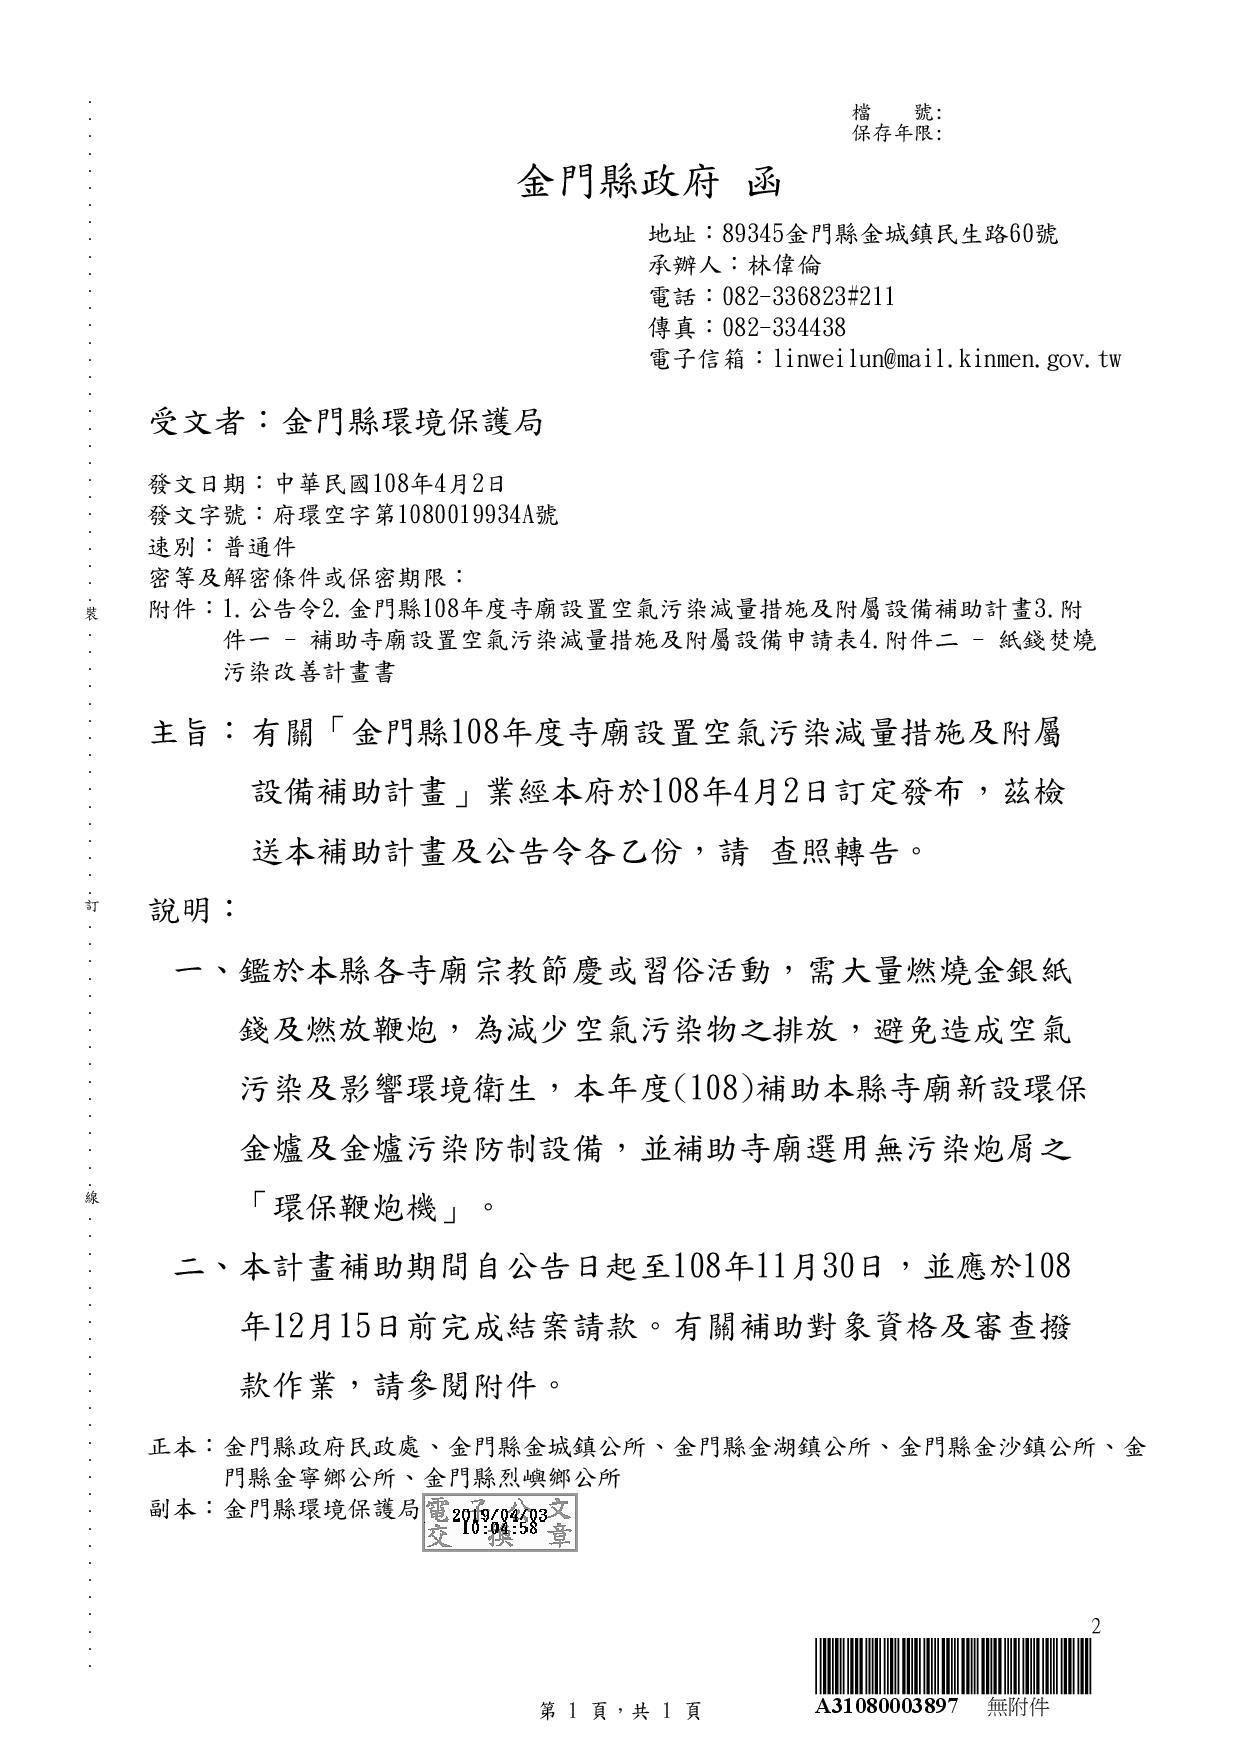 金門縣108年度寺廟設置空氣污染減量措施及附屬設備補助計畫-發佈函